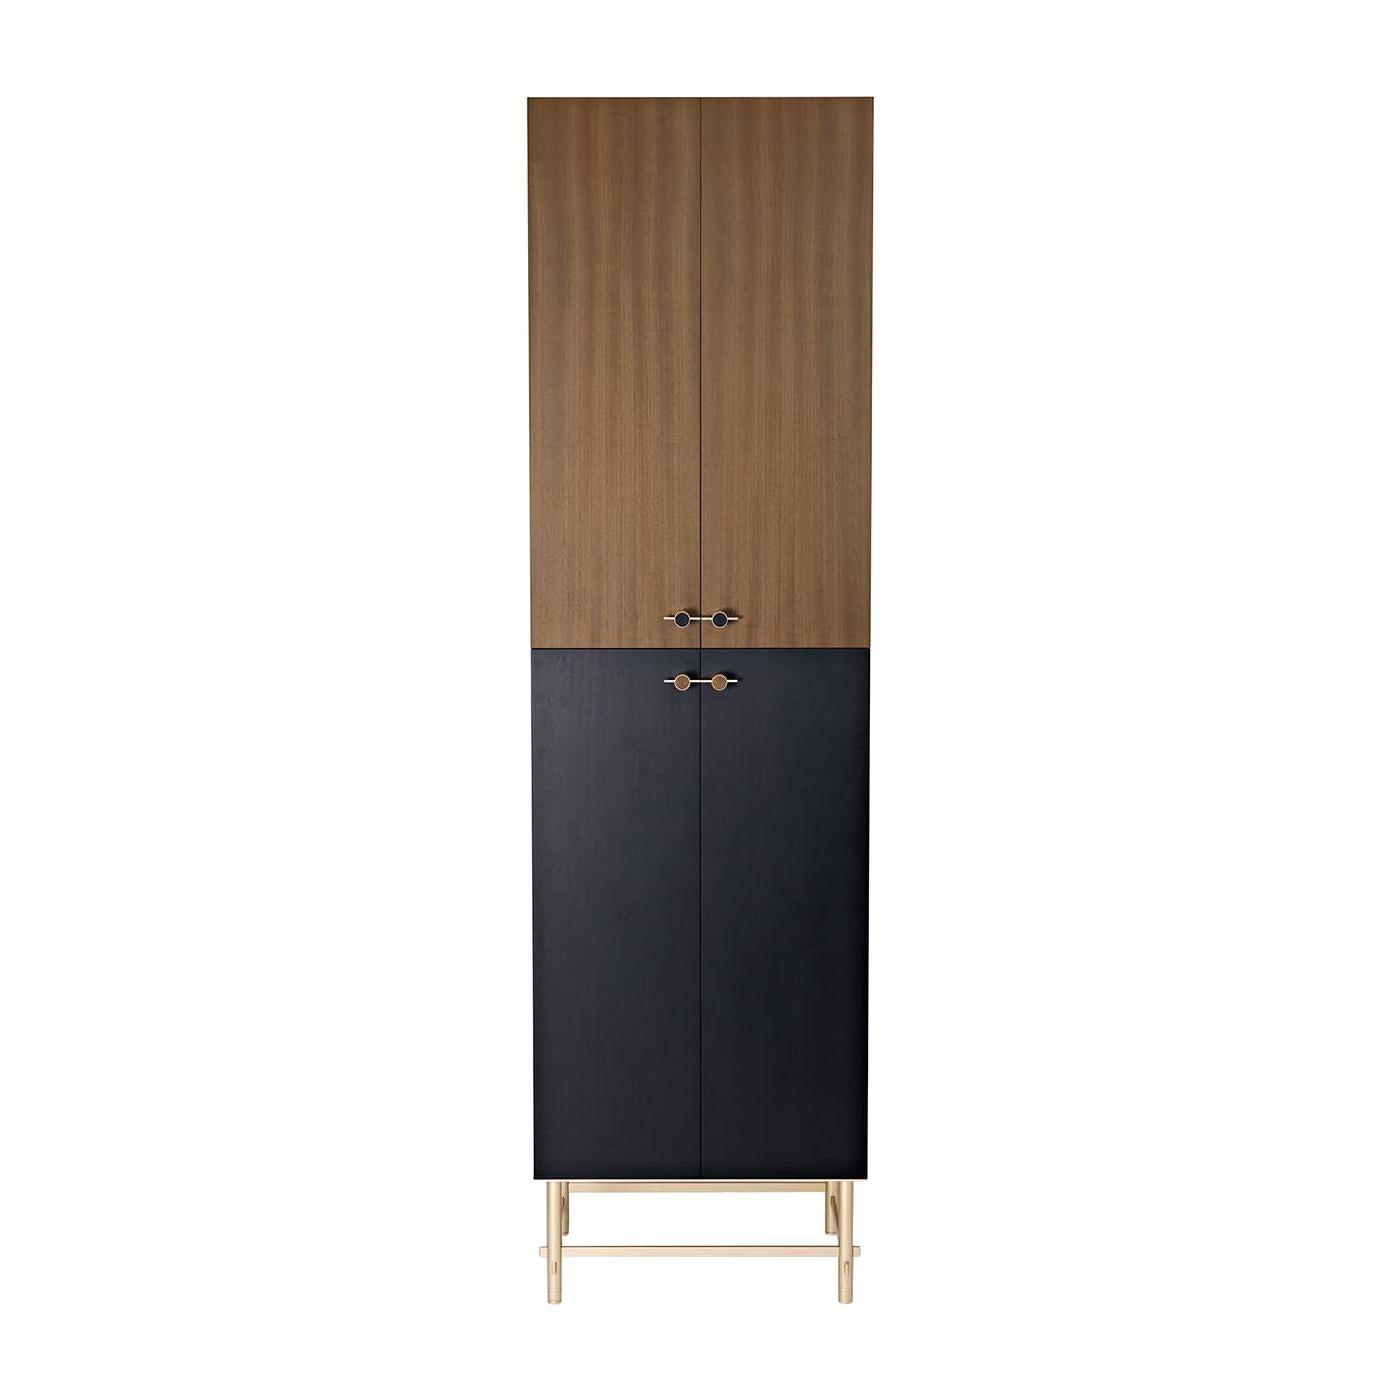 Sarita C0118 Wooden Cabinet